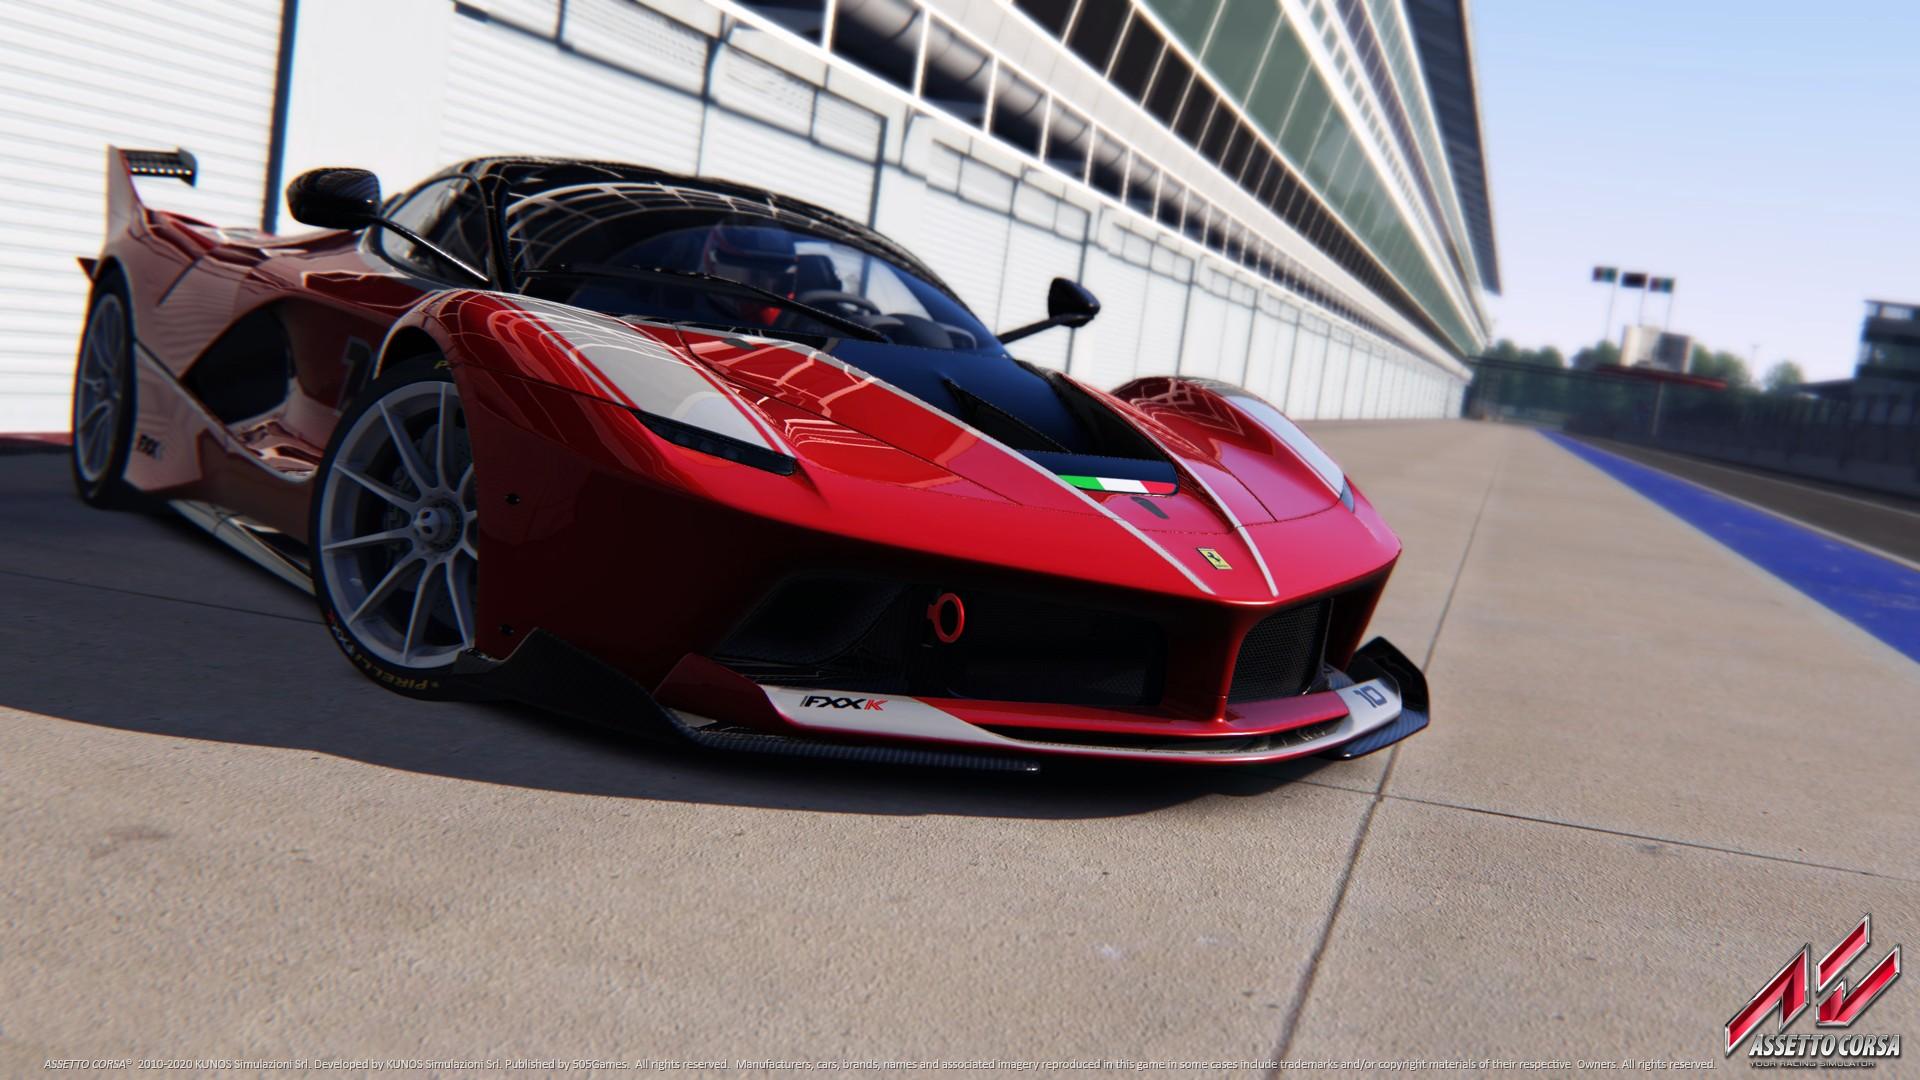 Závody Assetto Corsa na nových konzolích odstartují v dubnu 118220